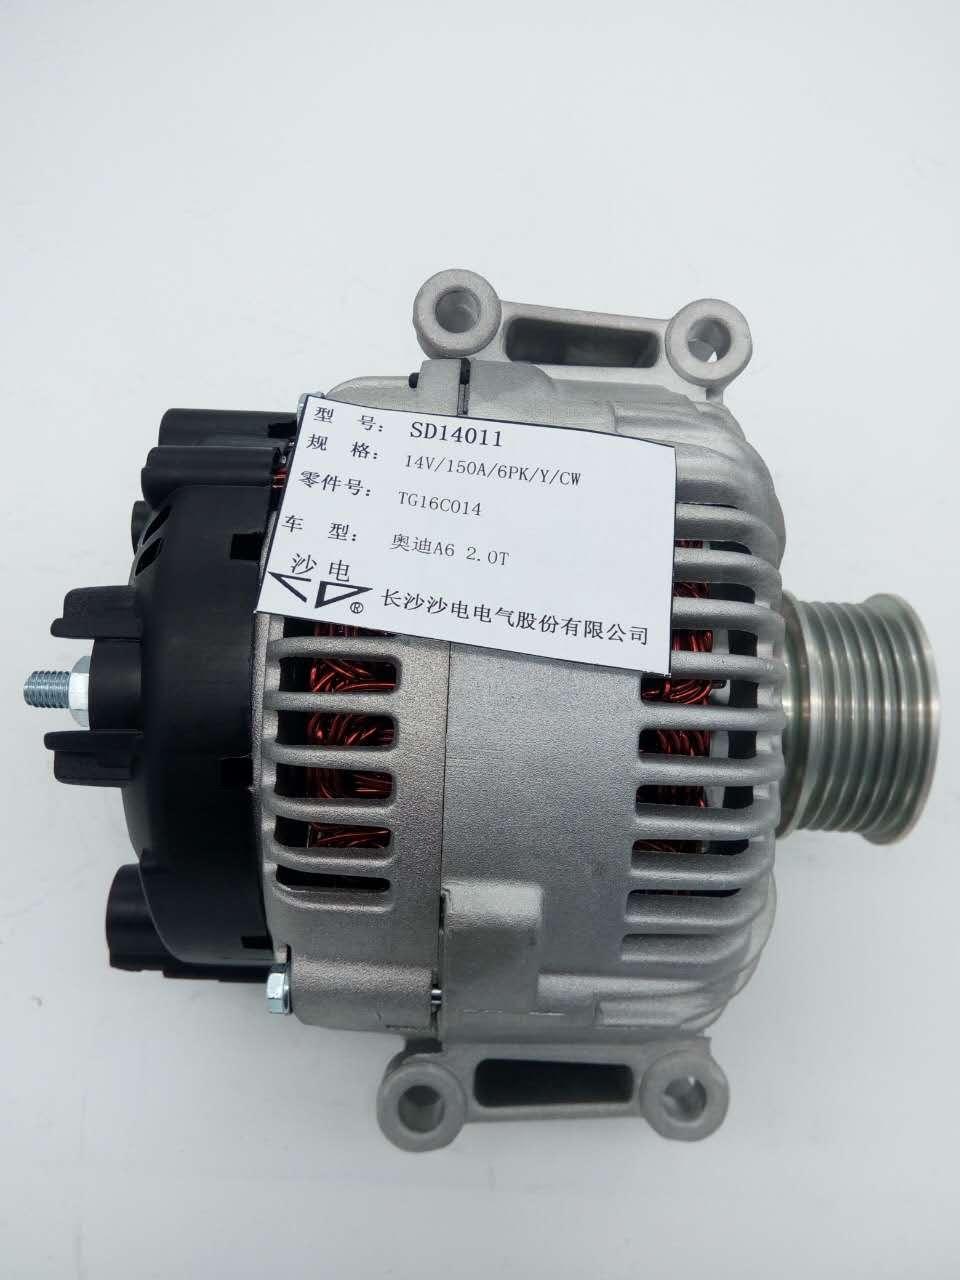 法雷奧發電機TG16C014適用于奧迪A6 2.0T